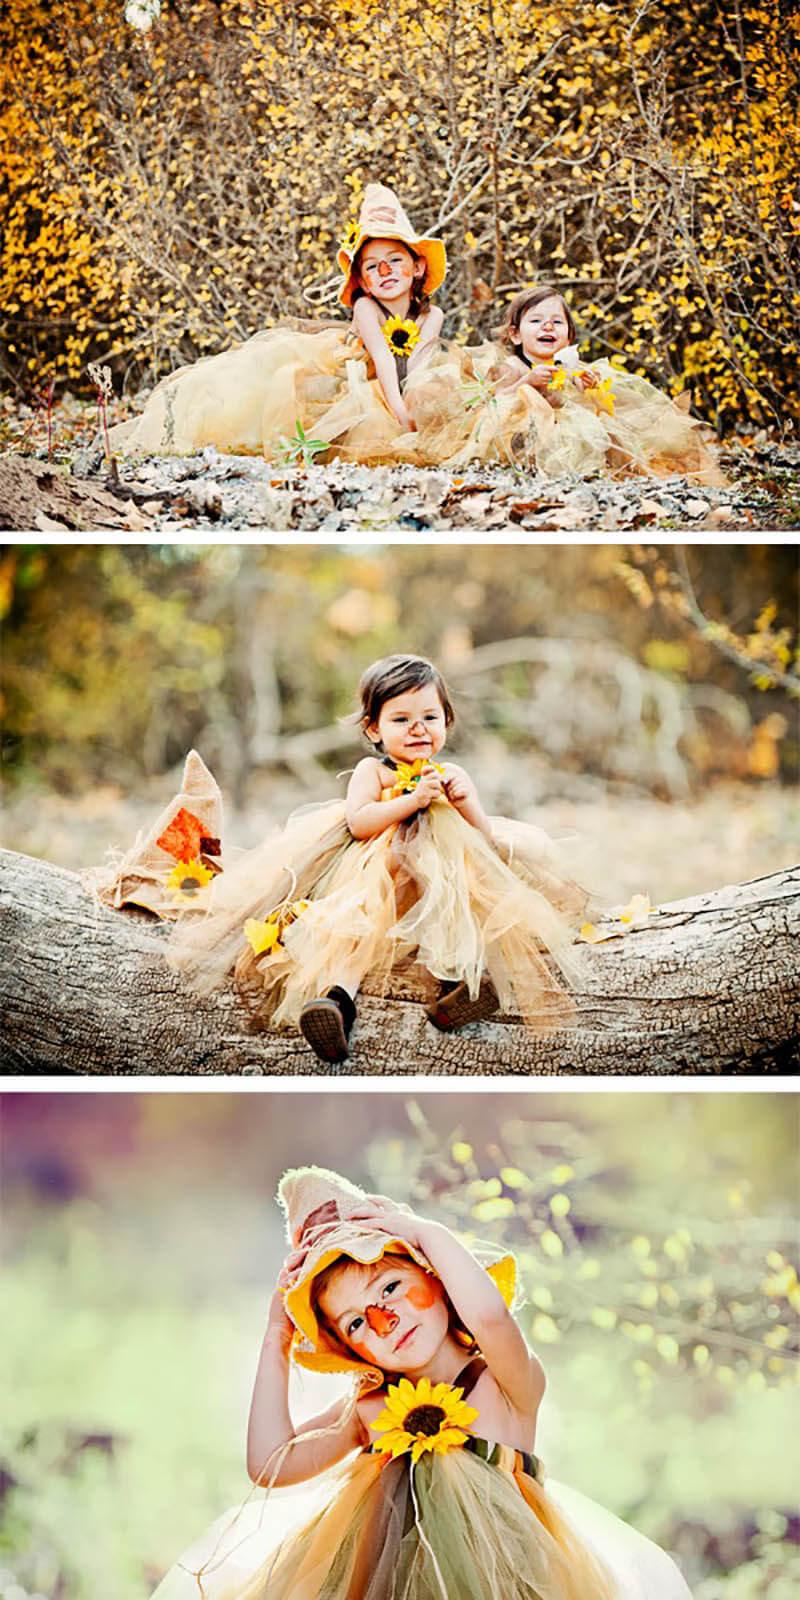 Фотосессия Хэллоуин: идеи для фотосессии детей, в студии, на природе и дома